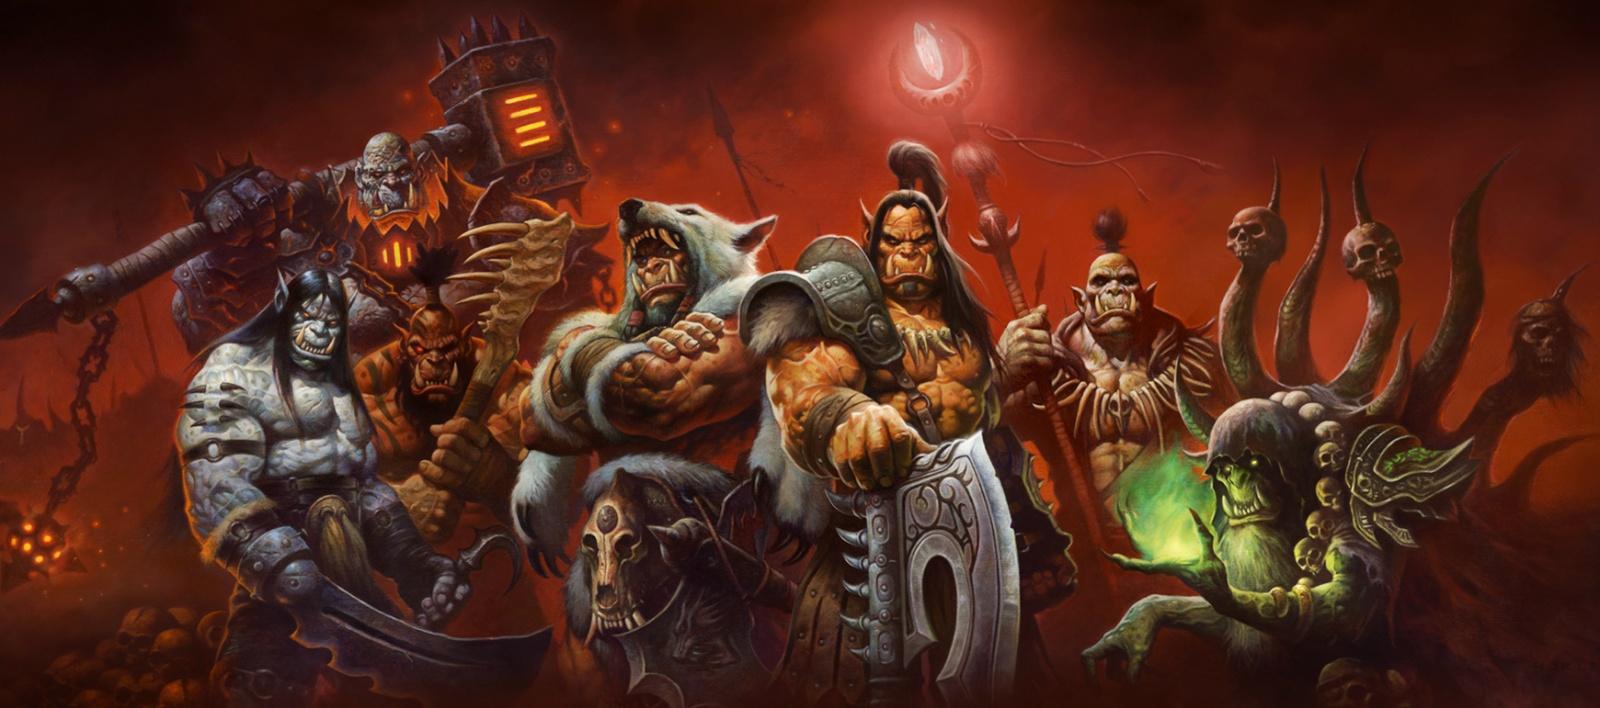 Как создавался World of Warcraft: взгляд изнутри на 20 лет разработки - 57